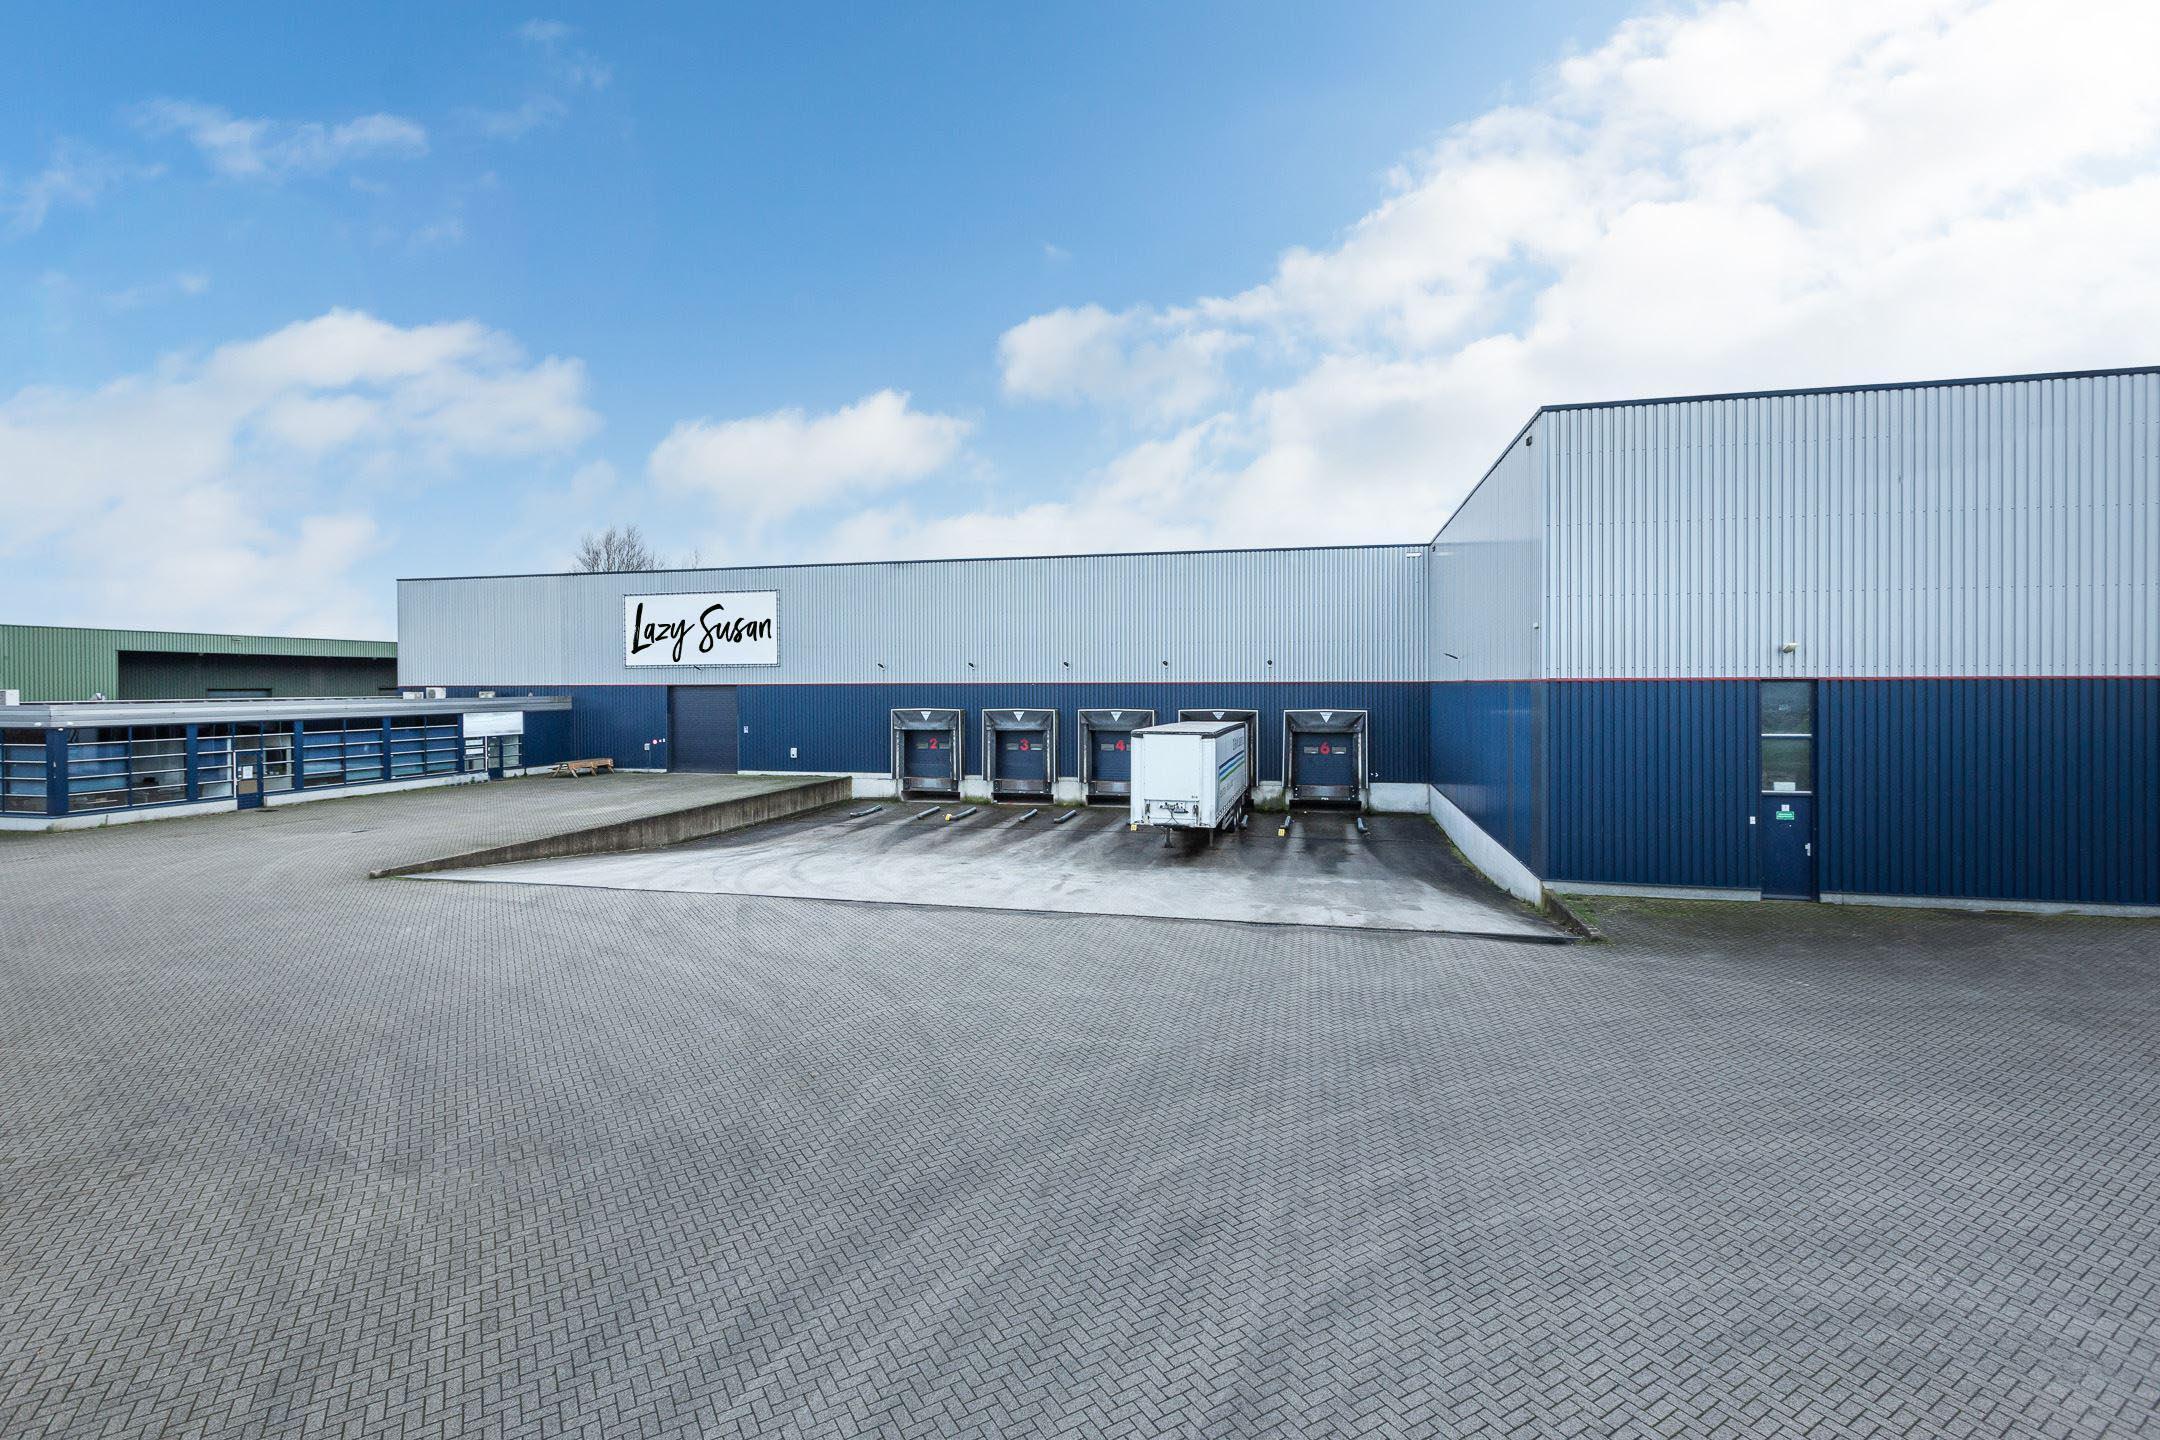 Ons grote en moderne magazijn vlakbij Eindhoven in Brabant. Centraal gelegen om snel gemakkelijk te kunnen leveren in onder andere Nederland, Duitsland, België, Frankrijk en de rest van Europa.